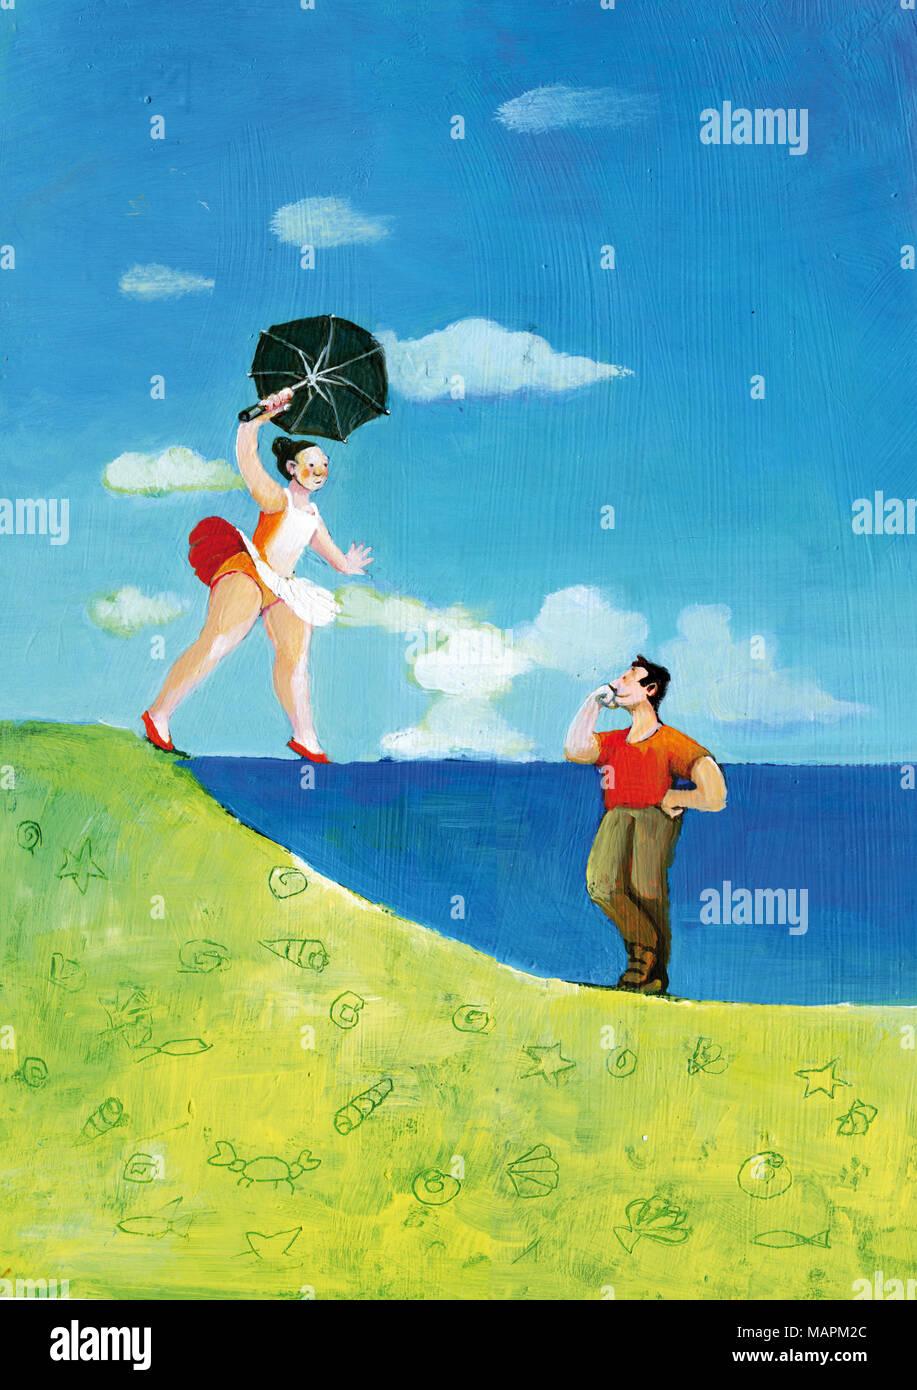 Dancer balancing sur l'horizon de la mer comme si c'était un garçon d'équilibrage de la corde, s'appuyant sur la mer comme un mur en regardant son amoureux Photo Stock